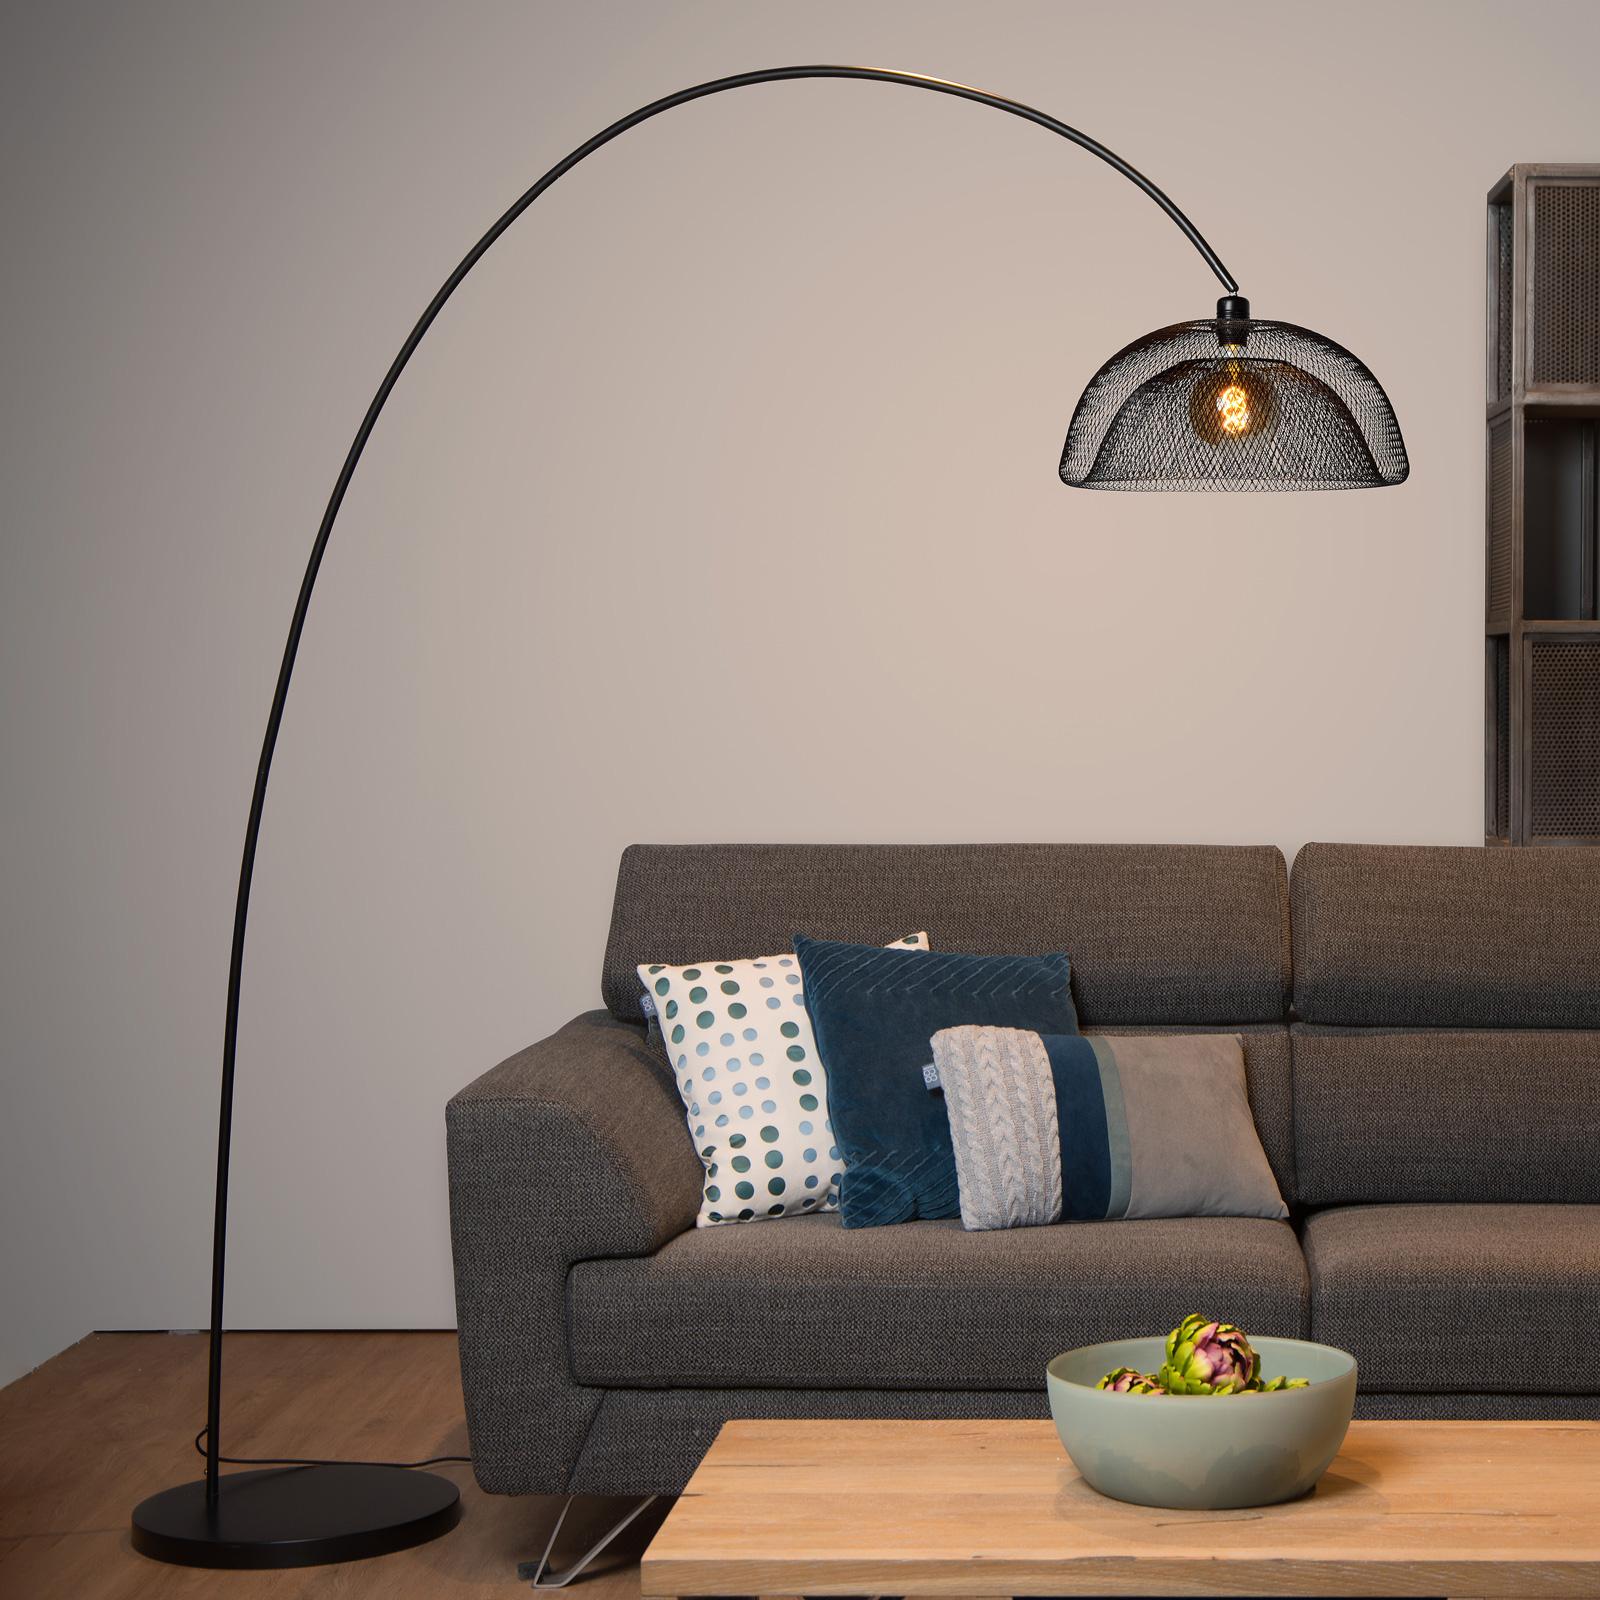 Lampadaire Mesh, noir, lampadaire arqué